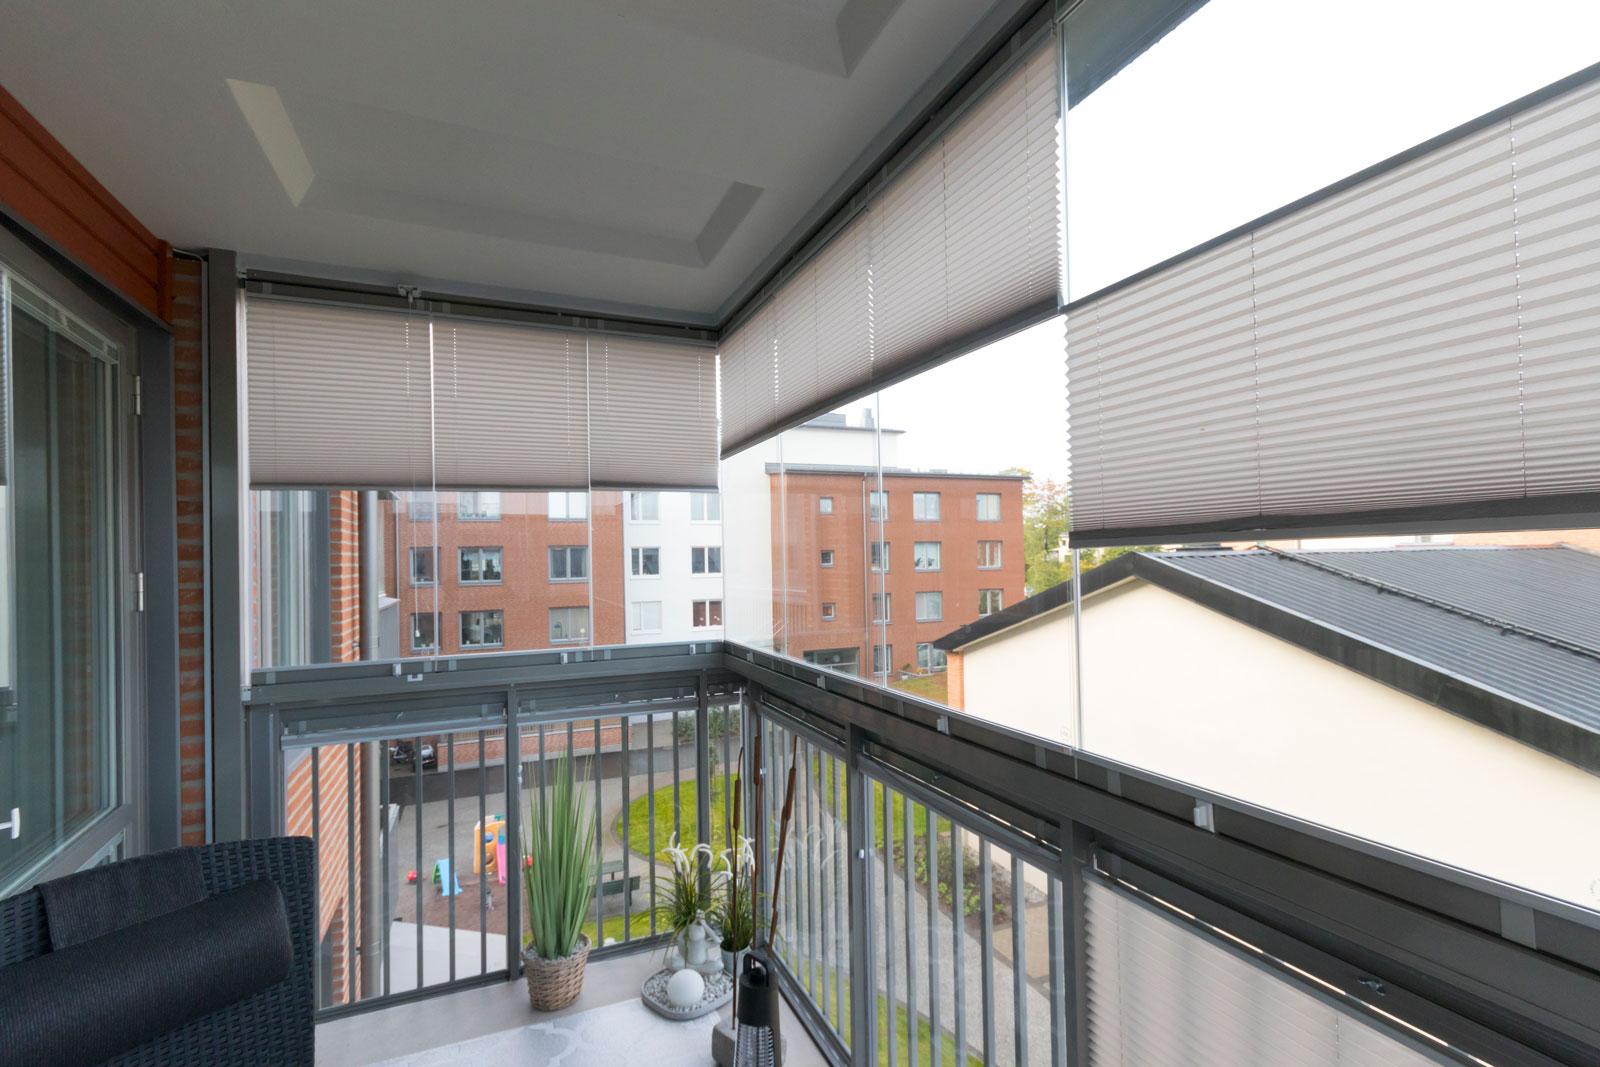 Solskydd för balkong